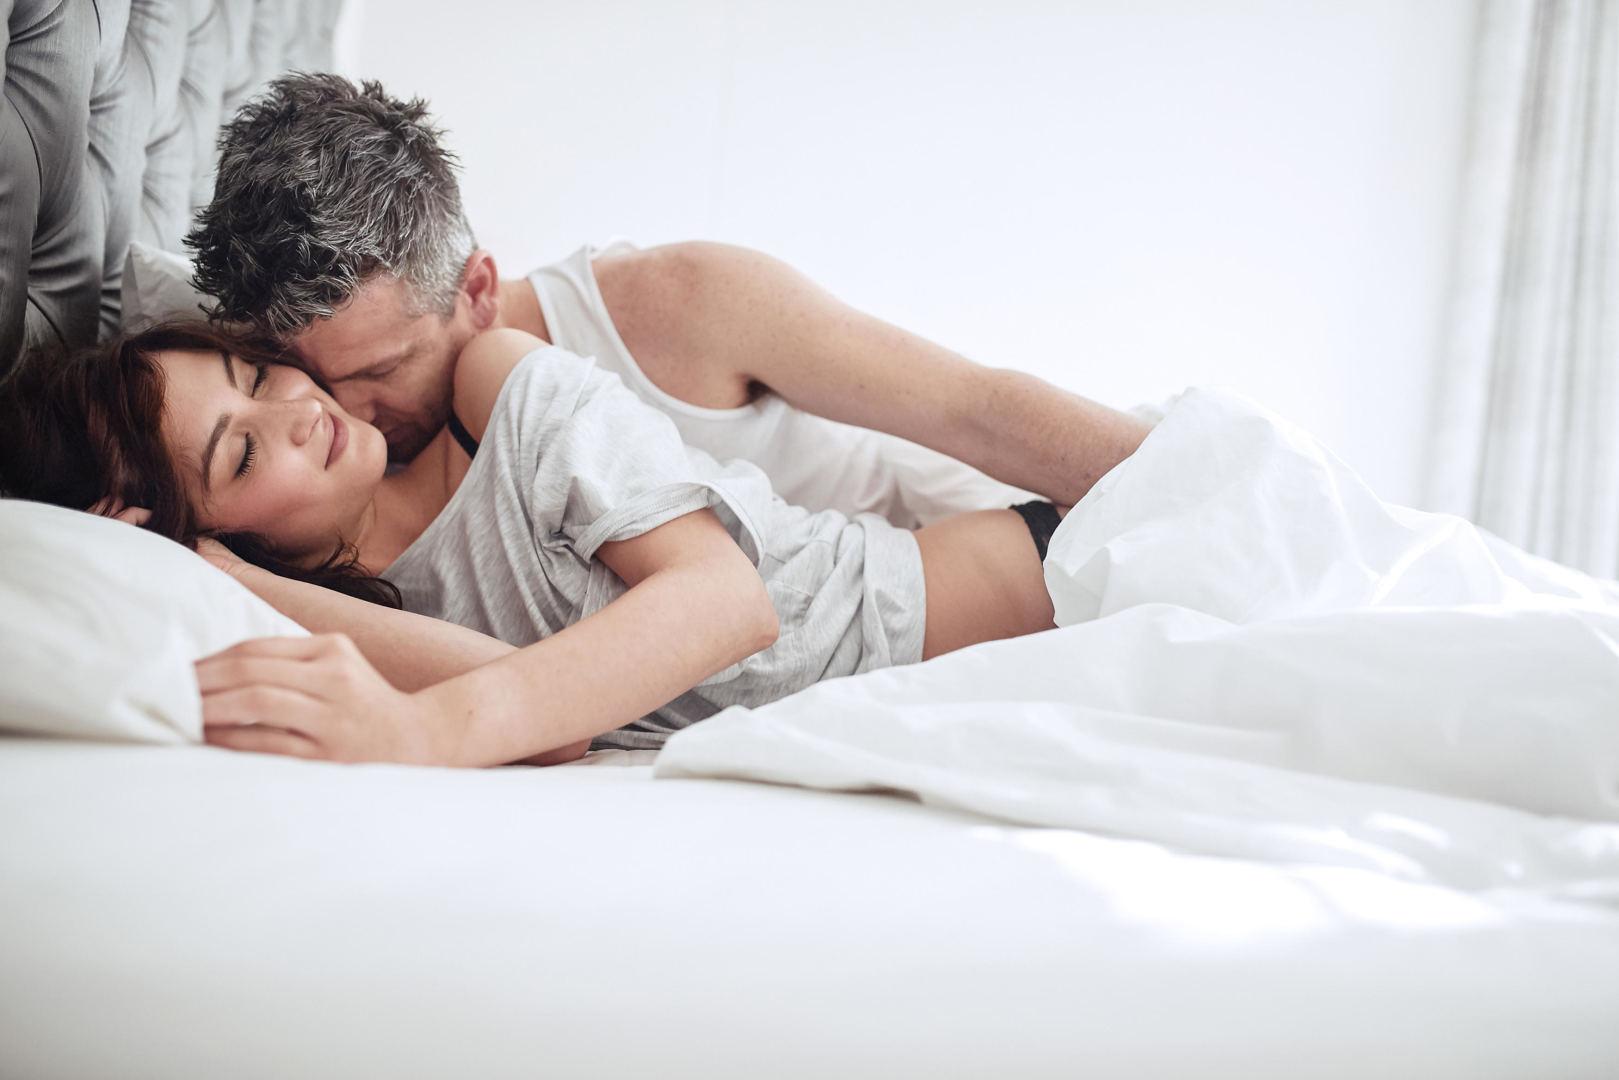 geras budas padidinti seksualini organa Nario antgalis padidinti storio